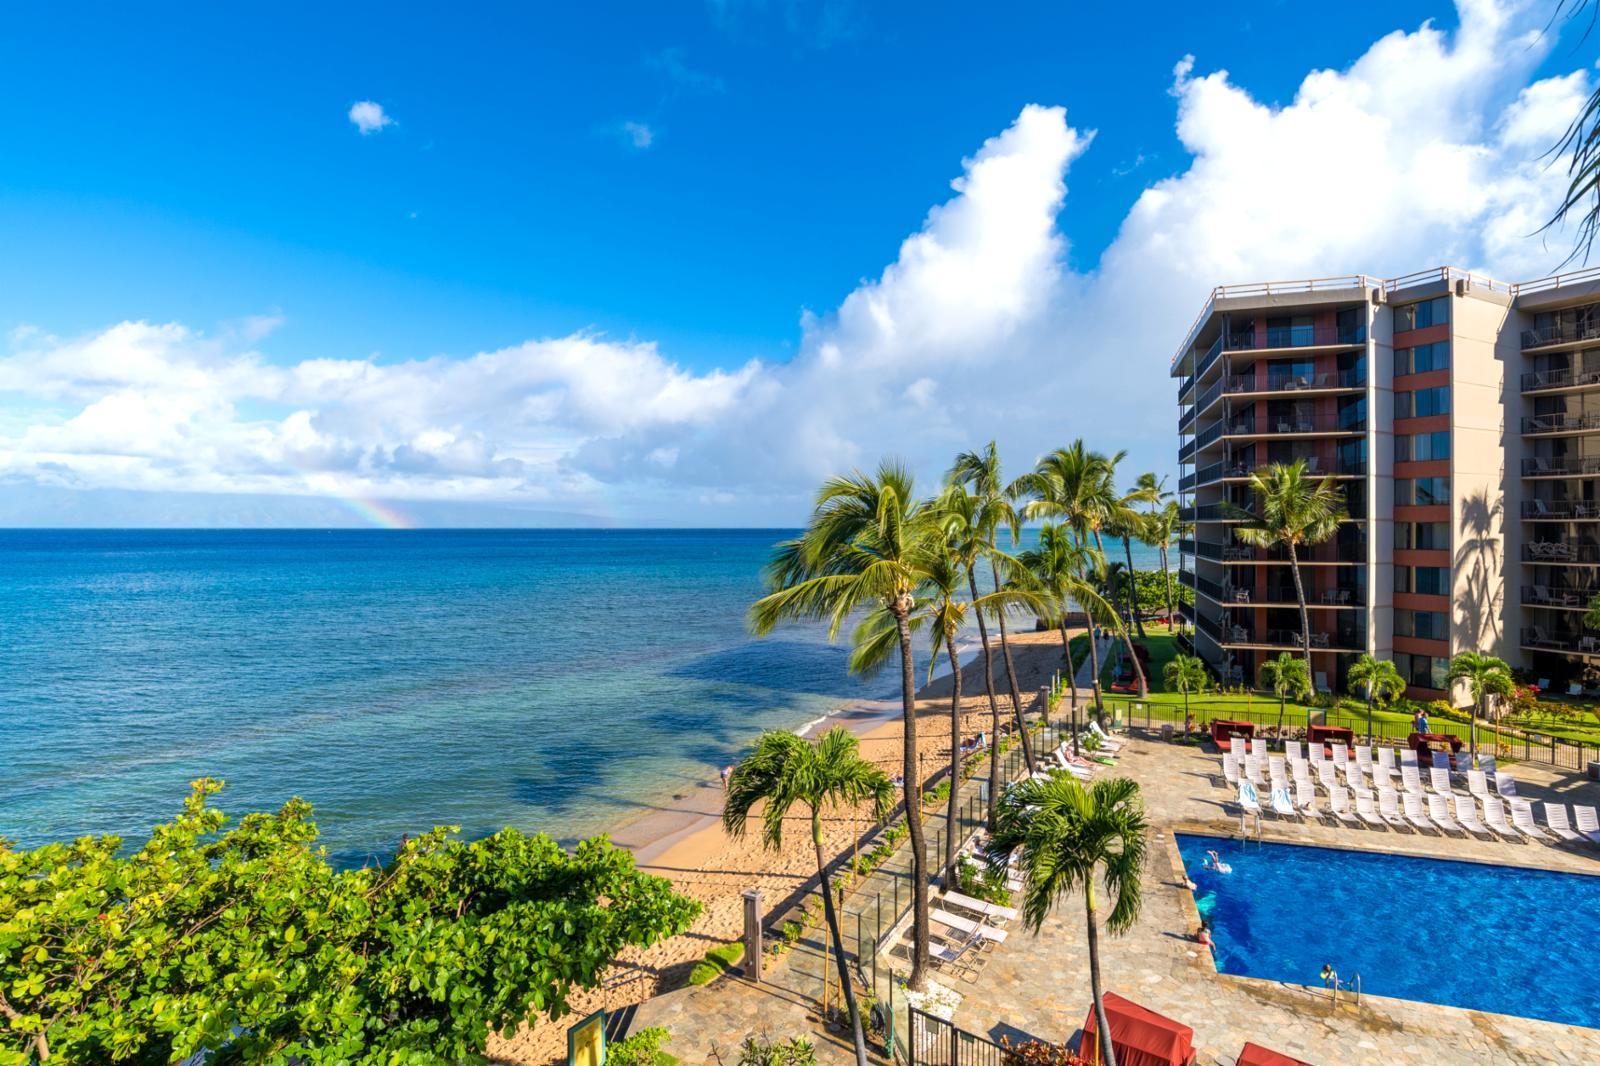 Aqua marine views from your balcony